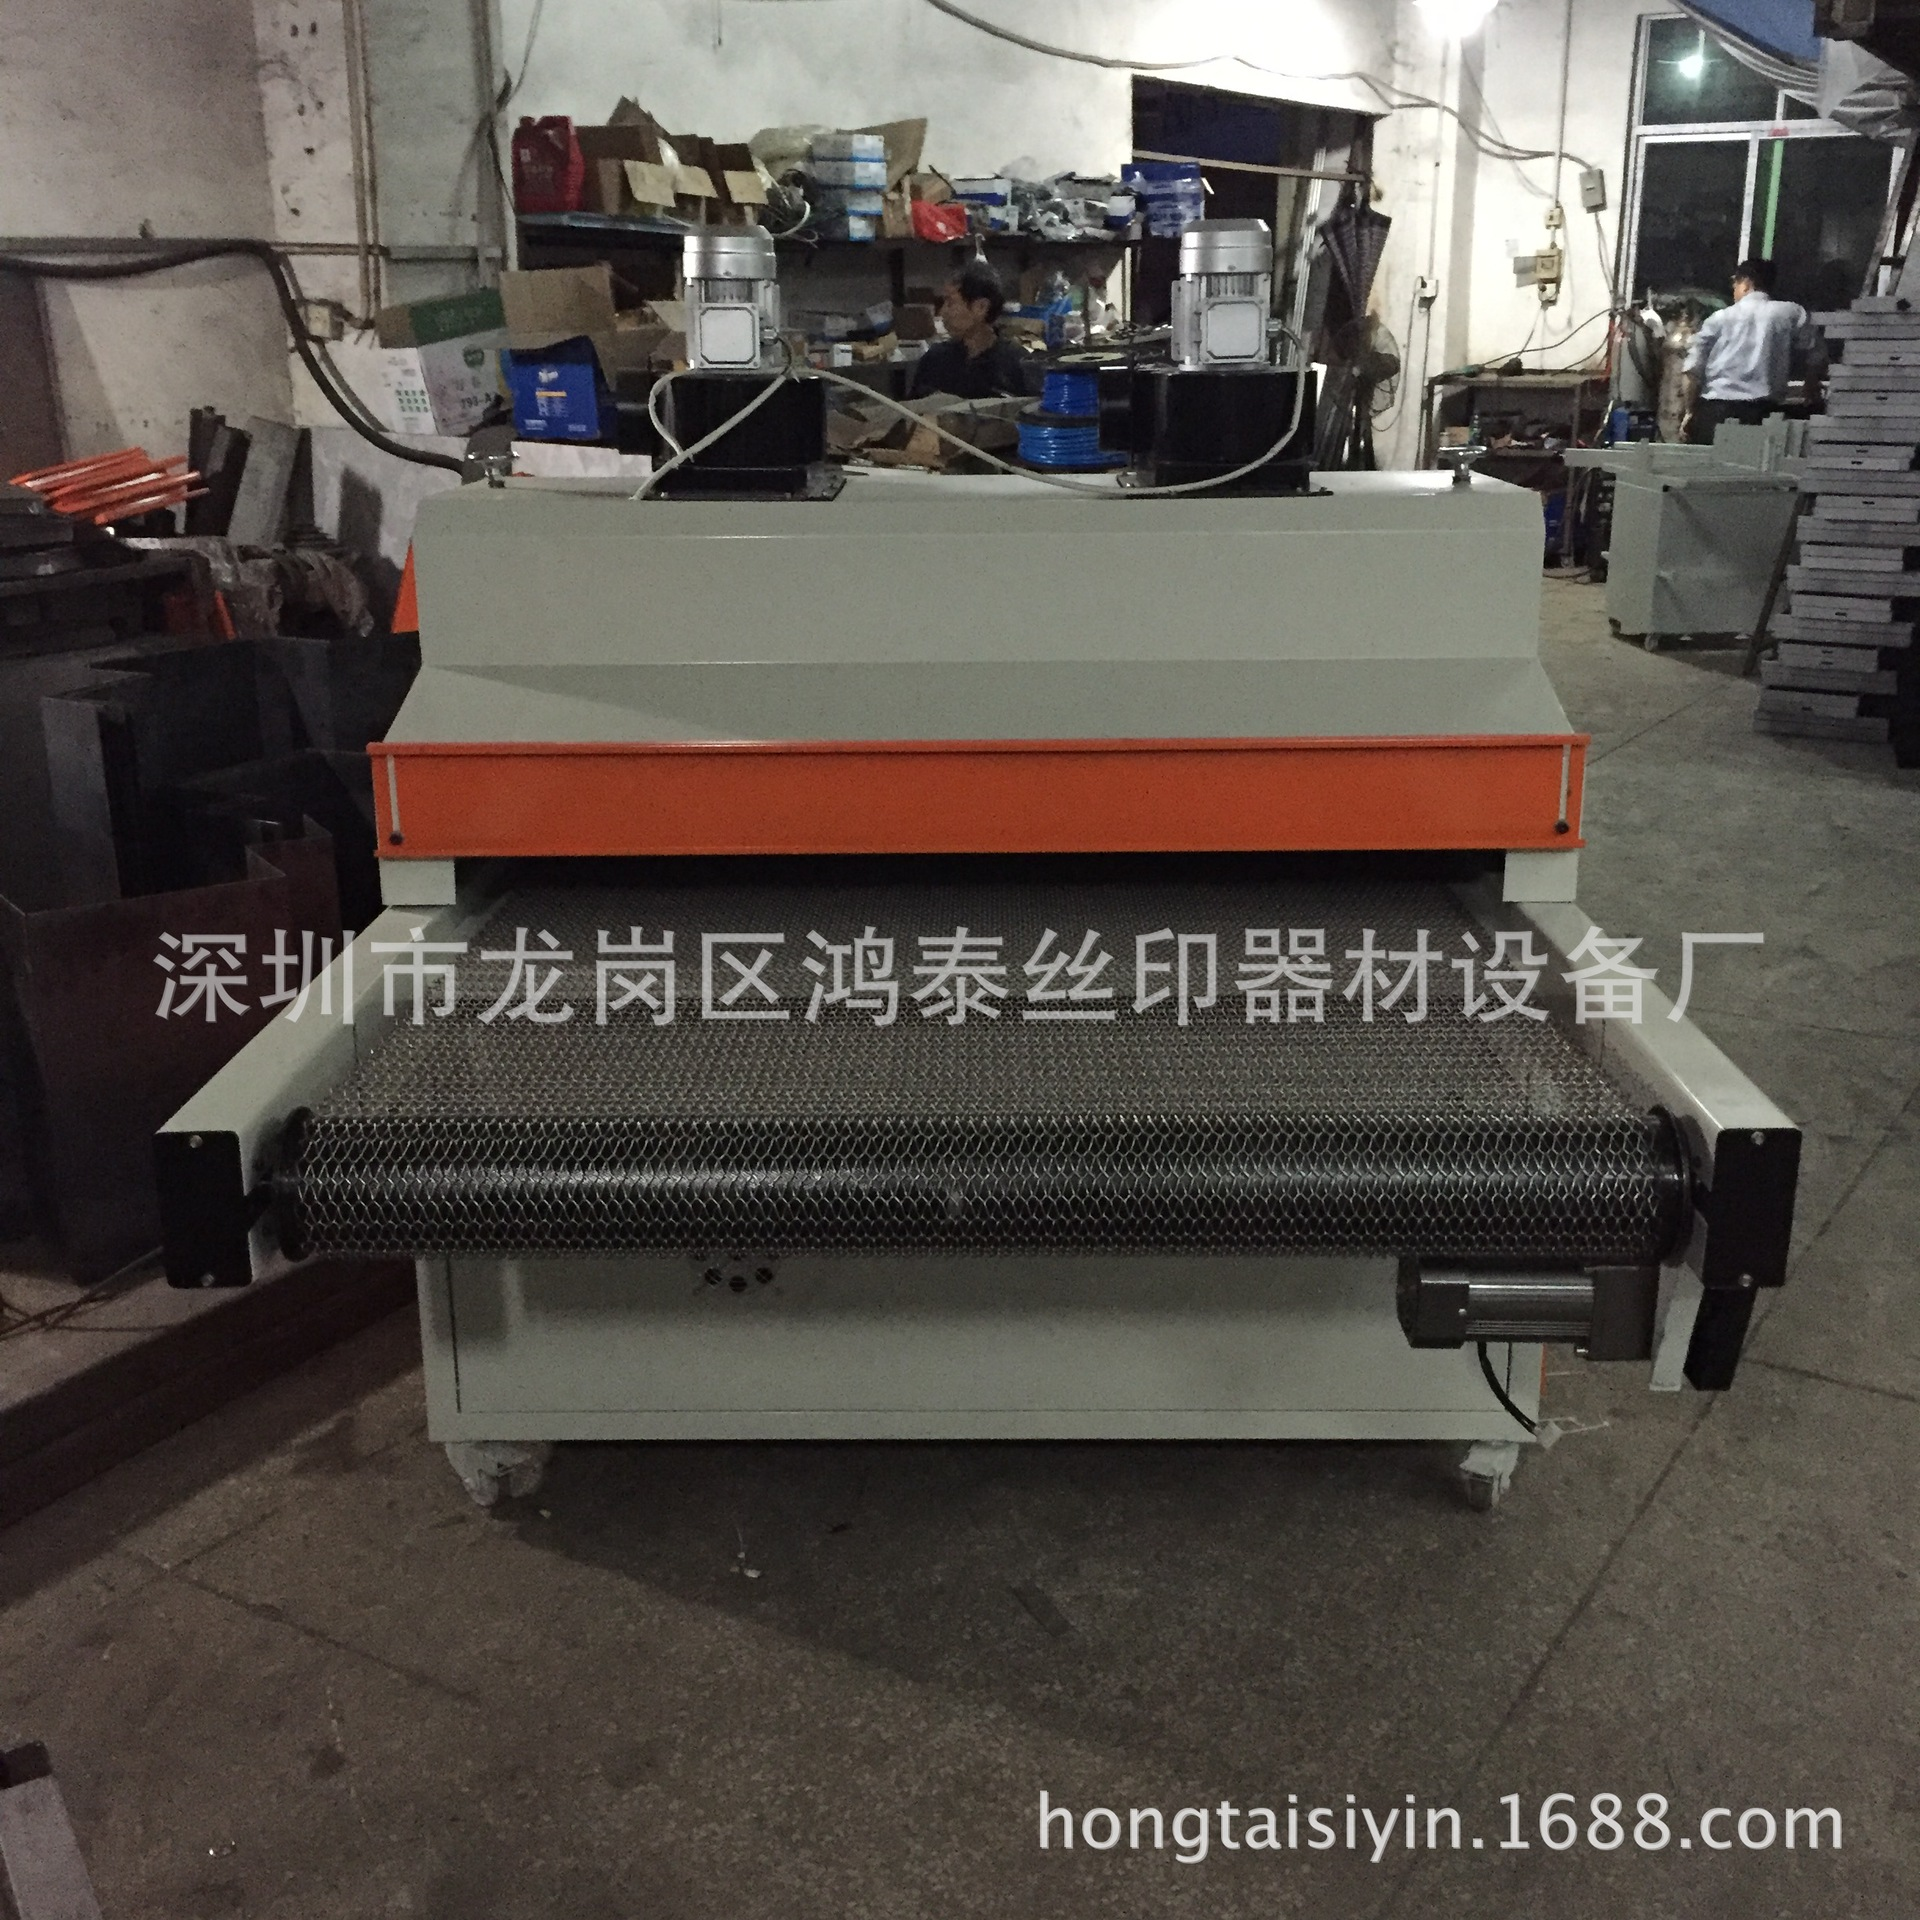 紫外线光固化机_玻璃板材uv固化机,家具紫外线光固化,uv光油厂家